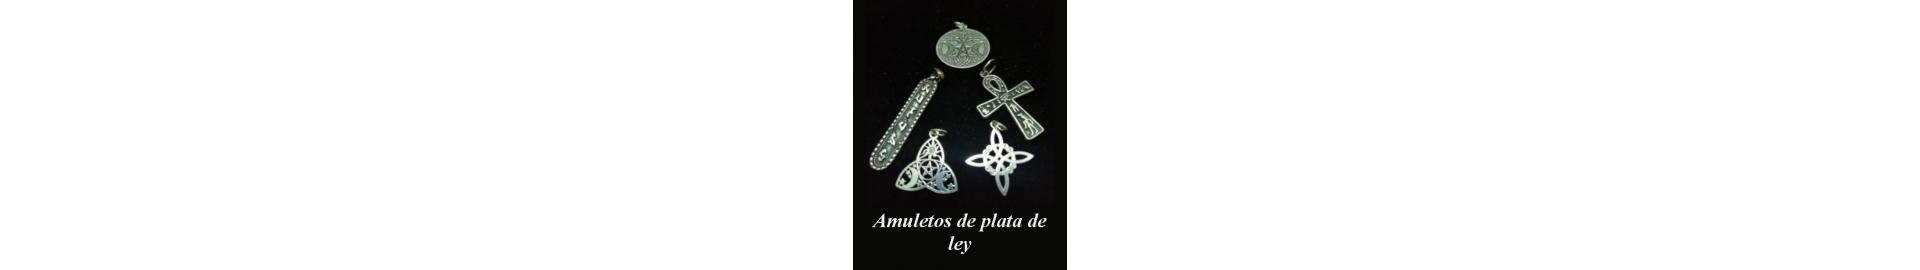 Amuletos de plata